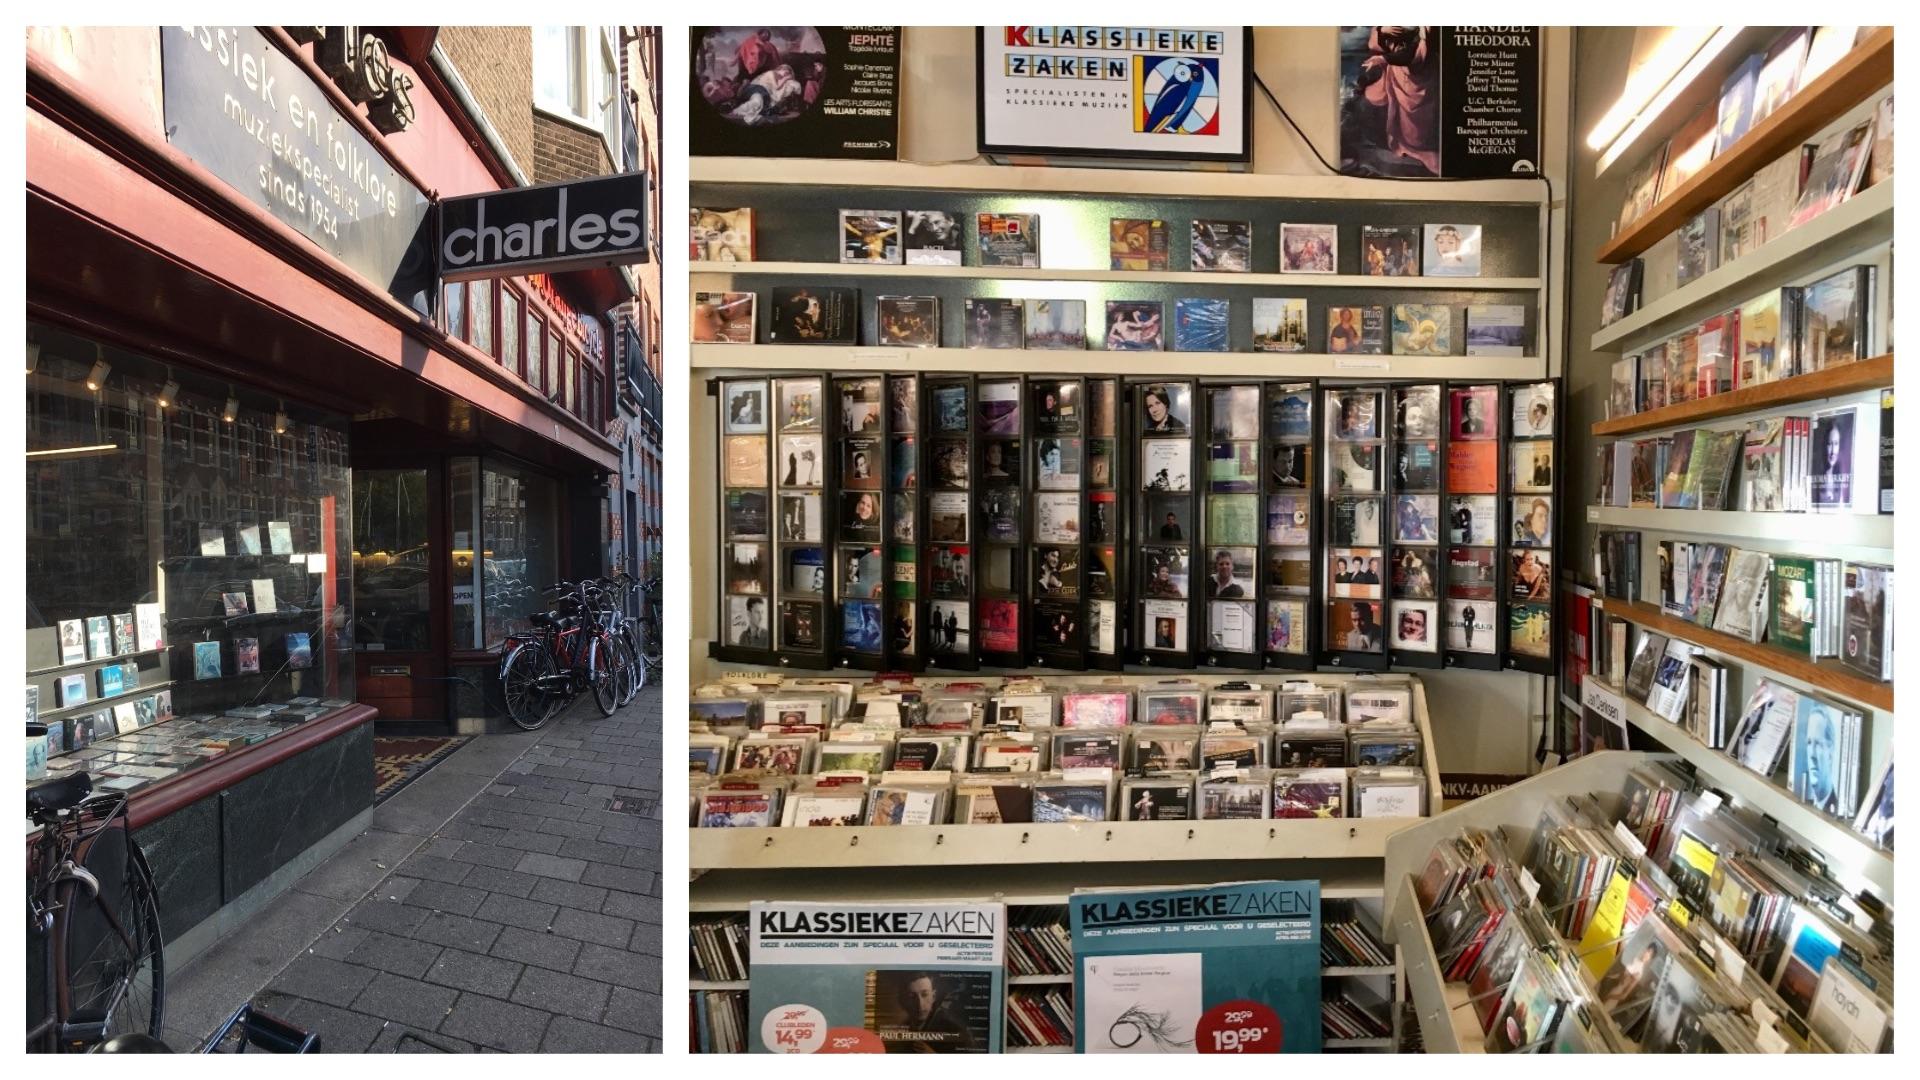 Charles Muziek Amsterdam